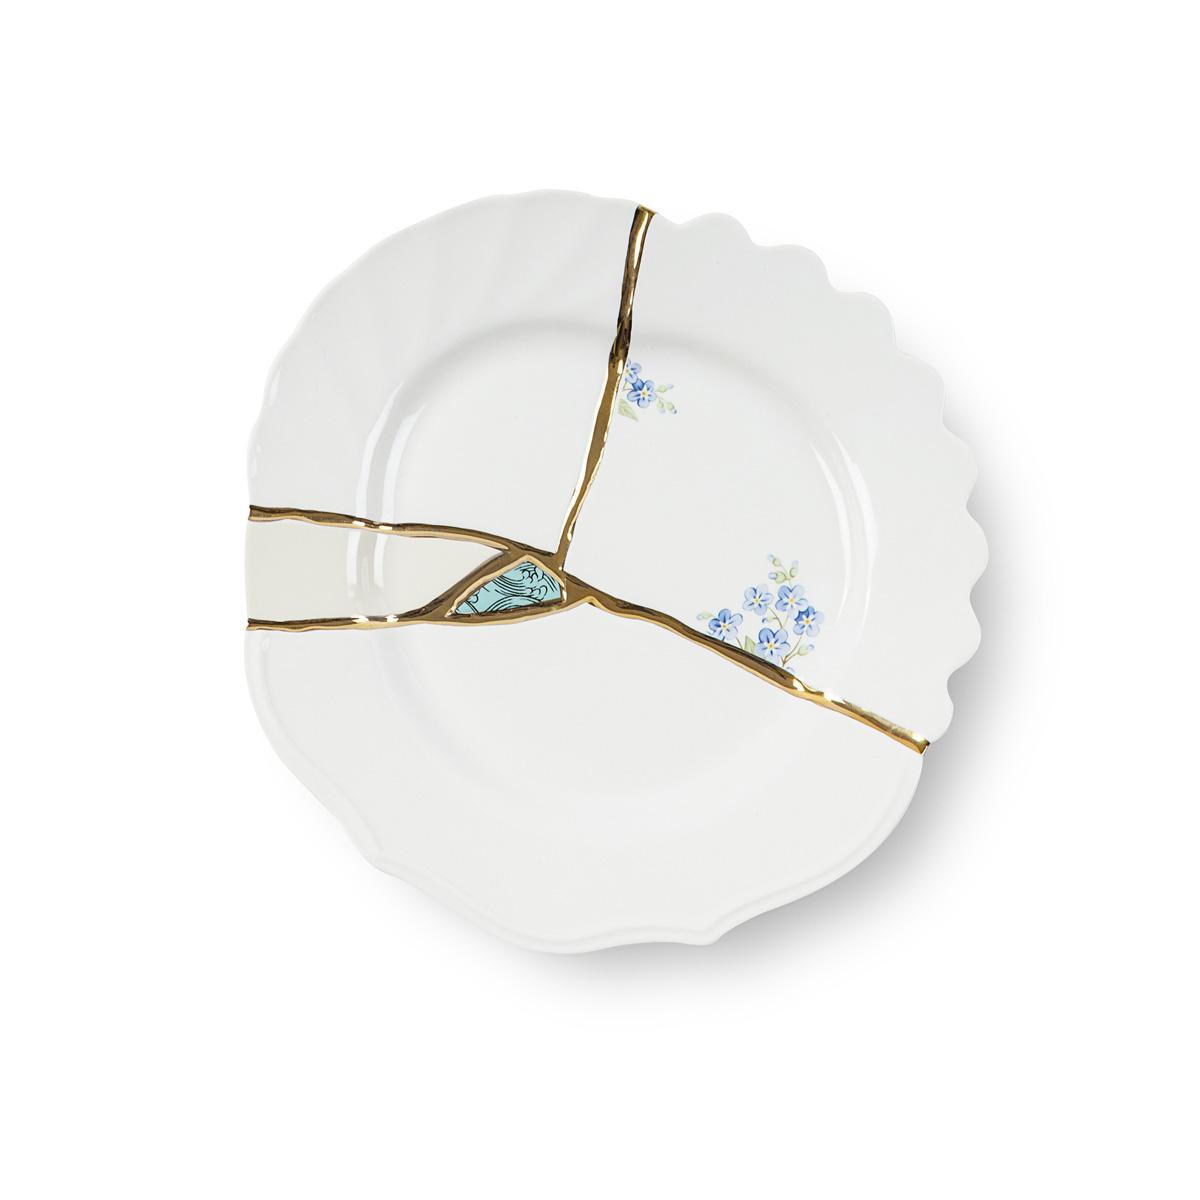 Seletti - KINTSUGI - Piatto Frutta n°3 in porcellana cm 21